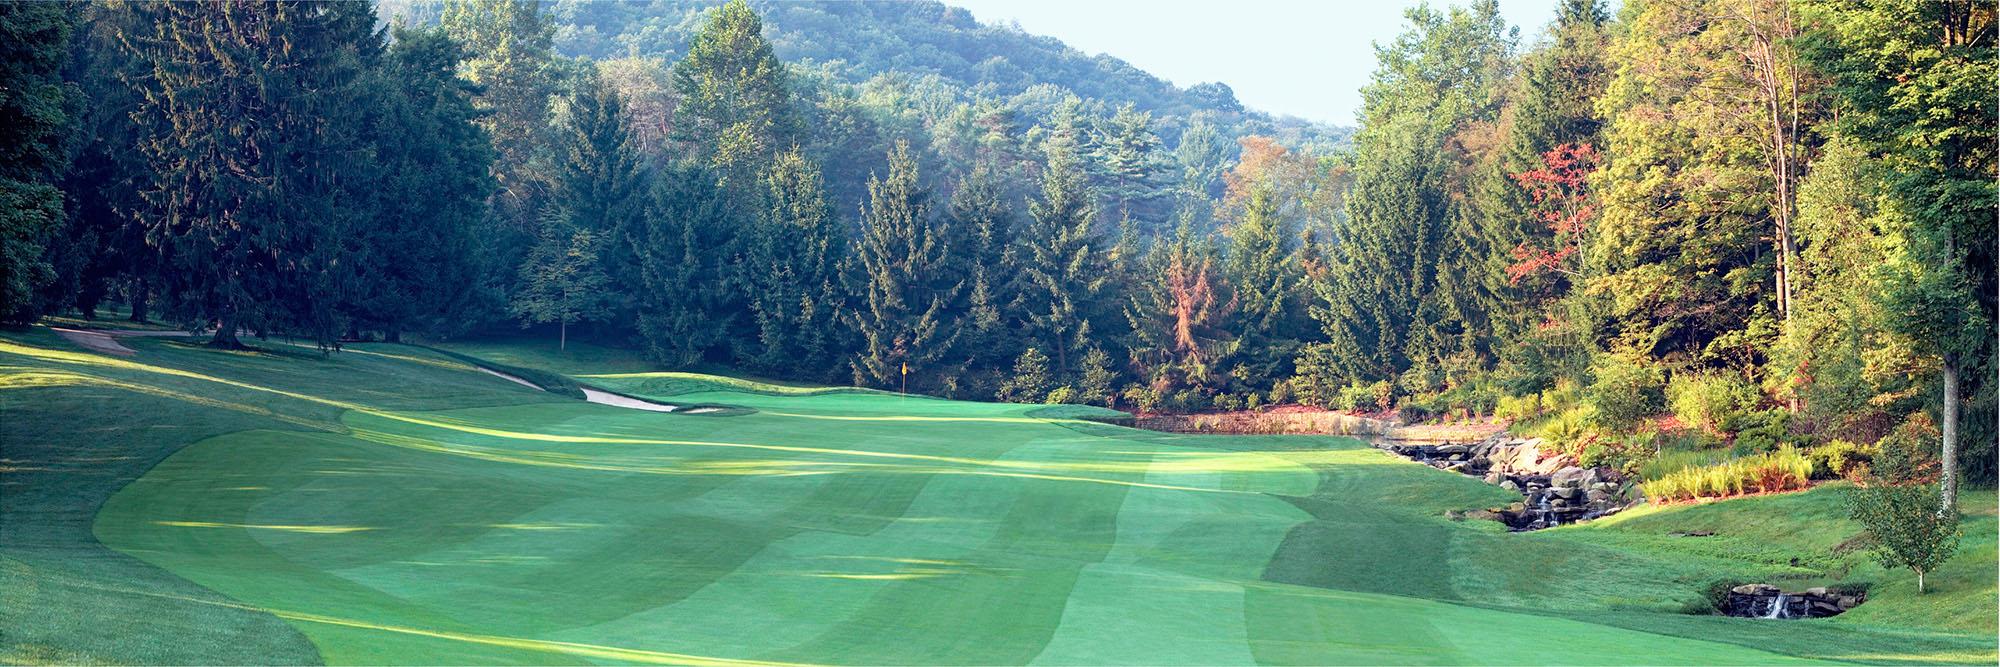 Golf Course Image - Laurel Valley No. 10